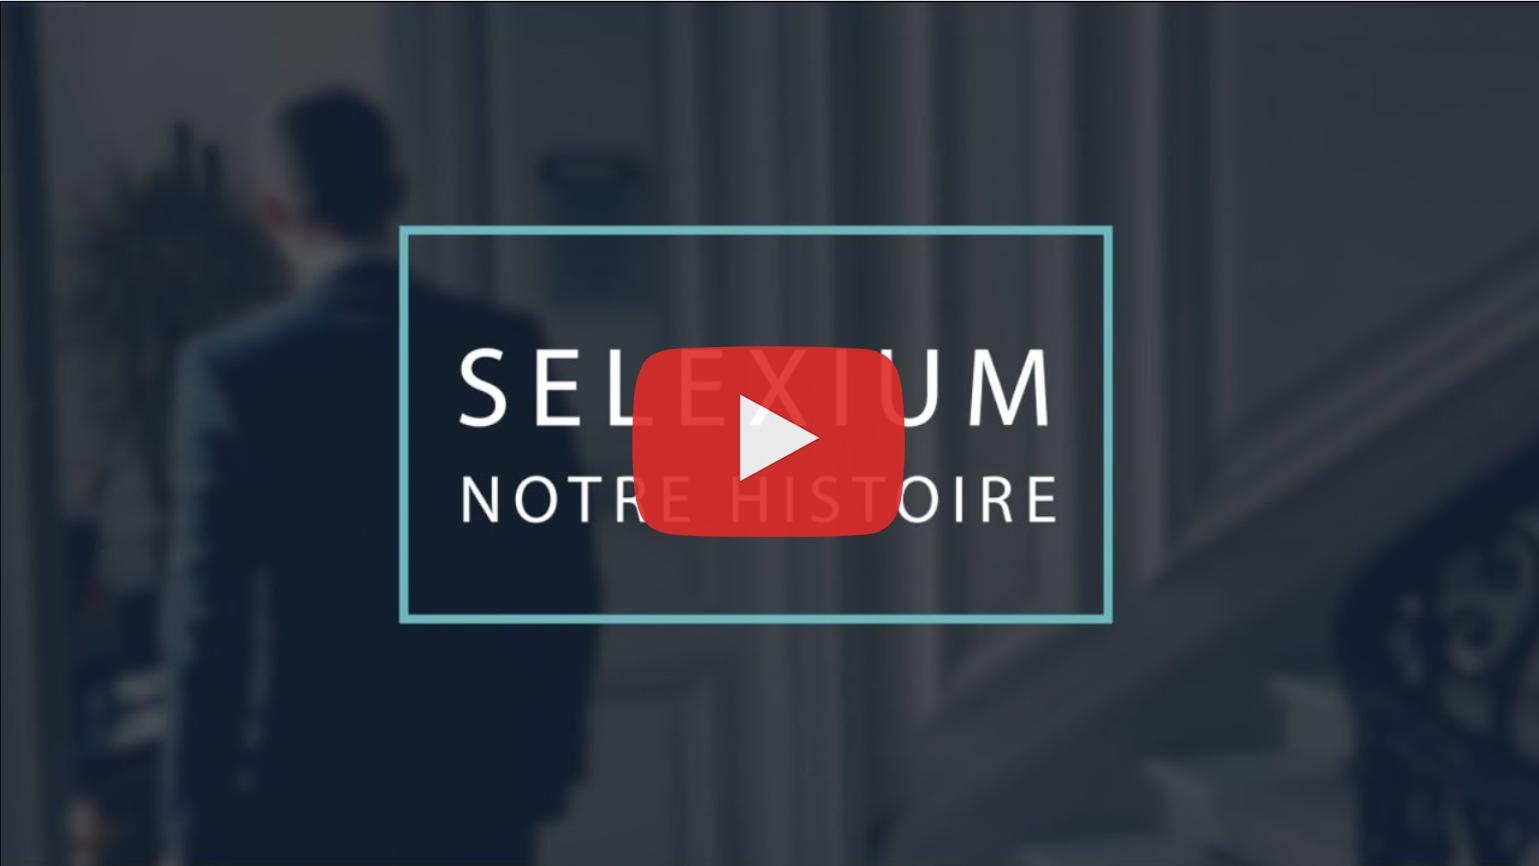 Selexium, notre histoire